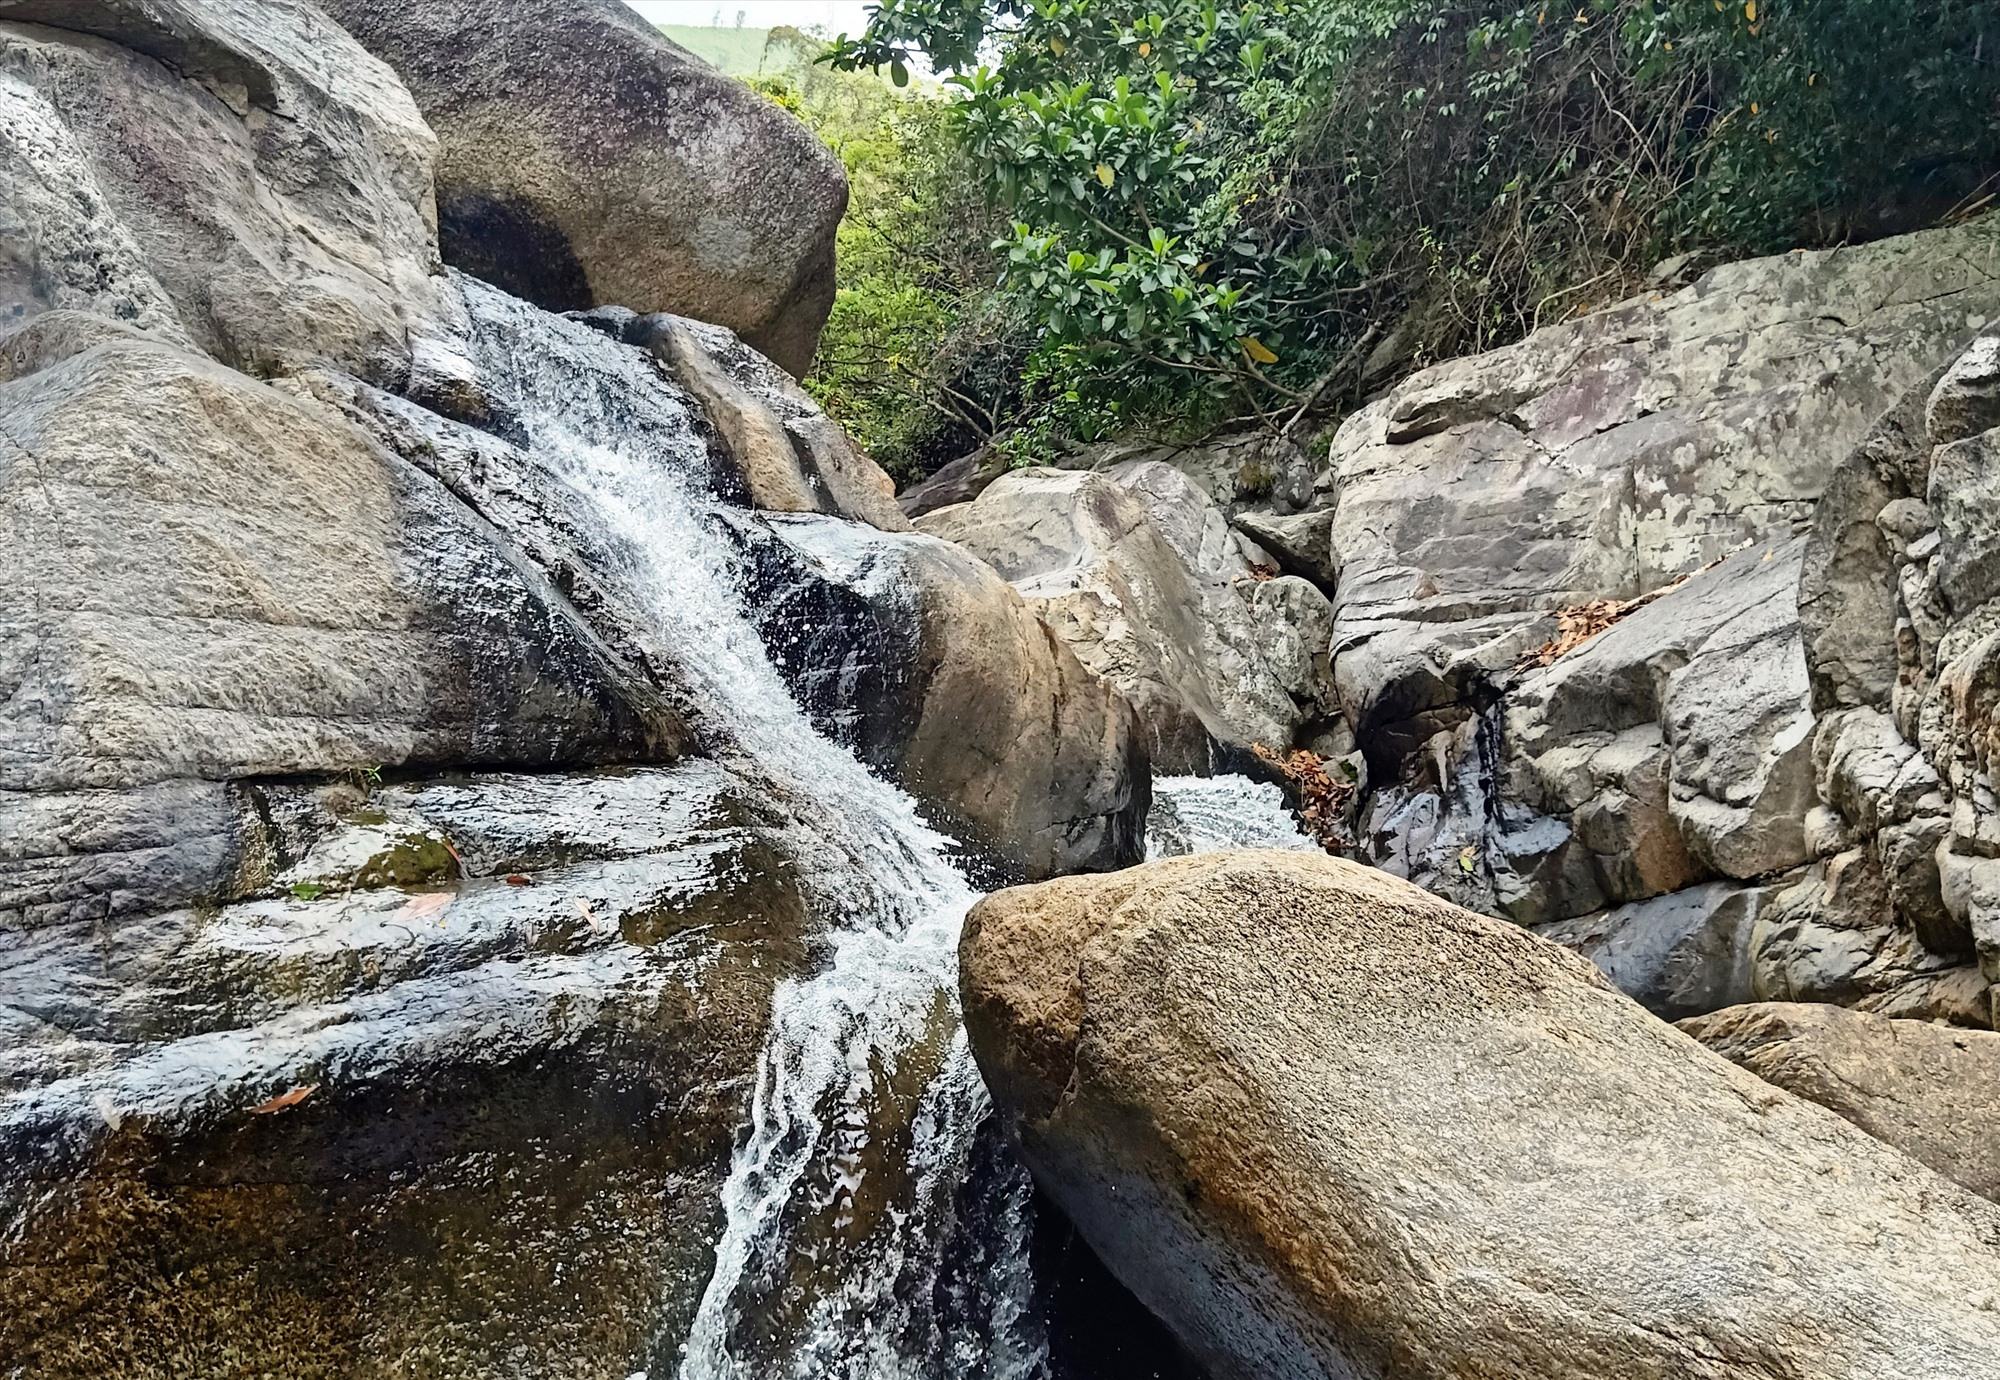 Vẻ đẹp hoang sơ của Khu du lịch sinh thái Sông Cùng, Đại Lãnh, Đại Lộc. Ảnh: HOÀNG LIÊN